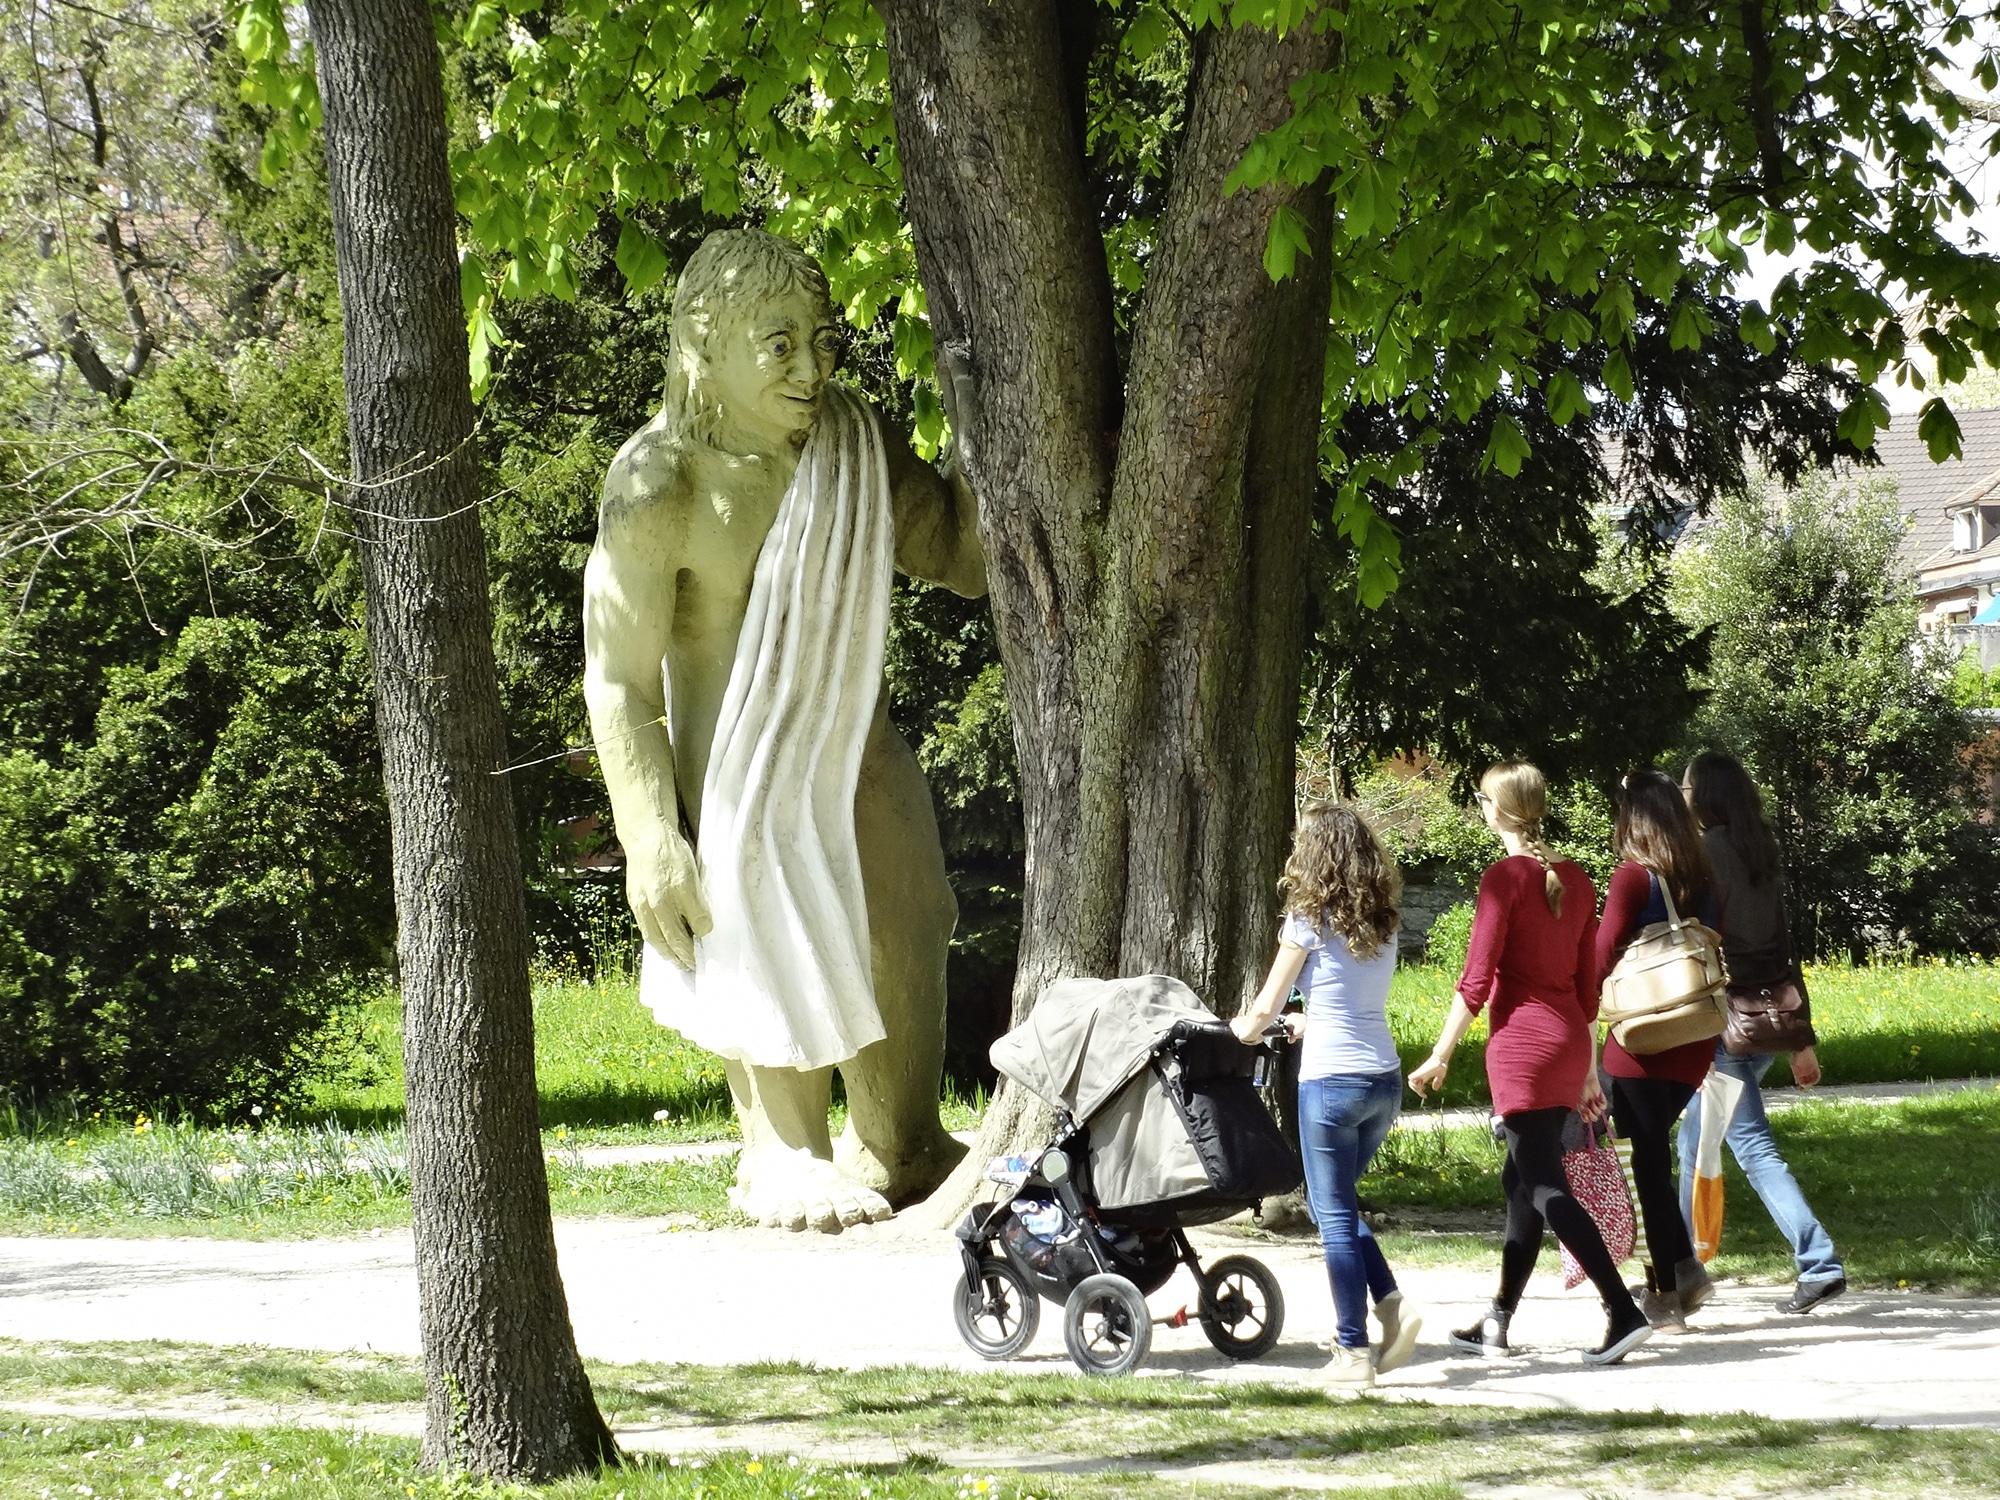 Vielleicht kommt der Riese ja auch in einer vor: Am Sonntag gibts im Kannenfeldpark Geschichten aus aller Welt.